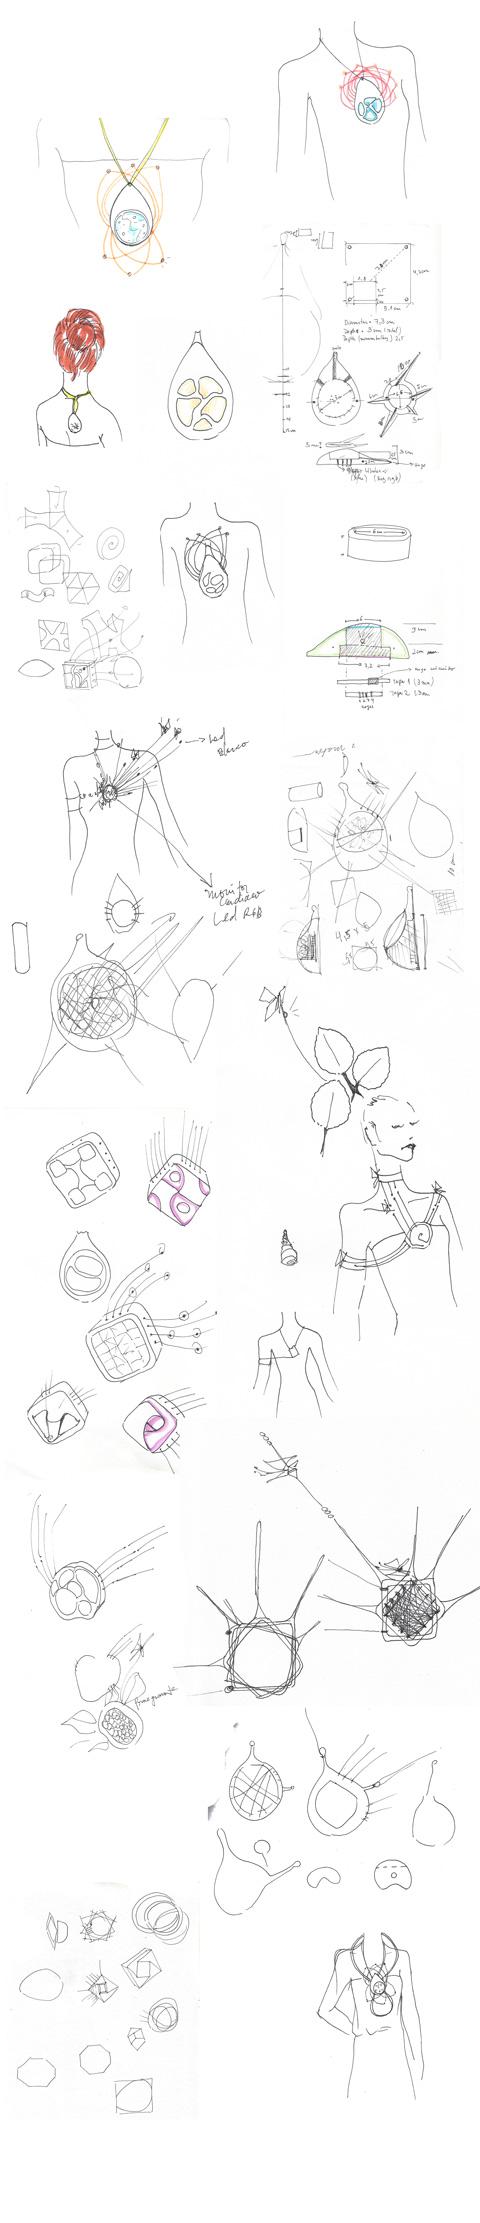 proceso-de-diseño